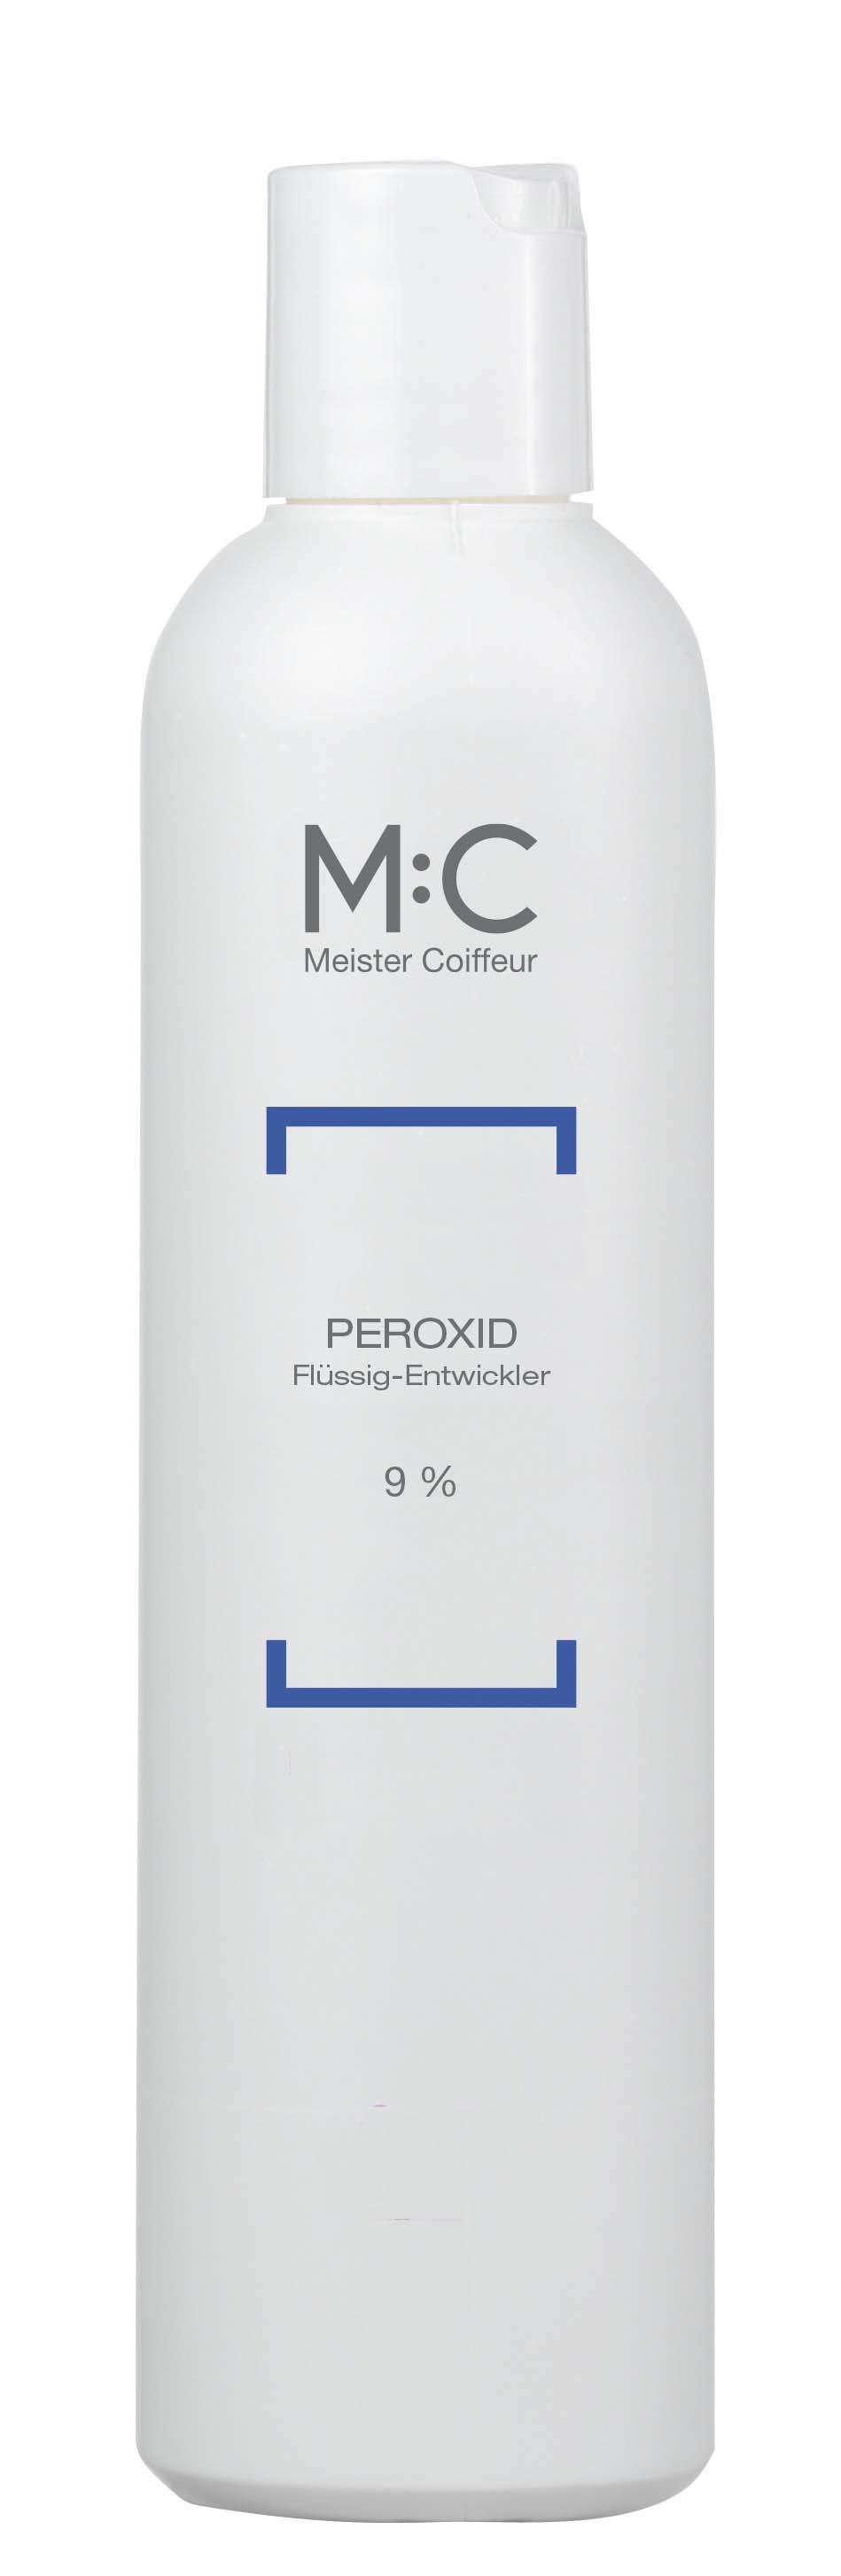 M:C Peroxide 9,0% C 250 ml